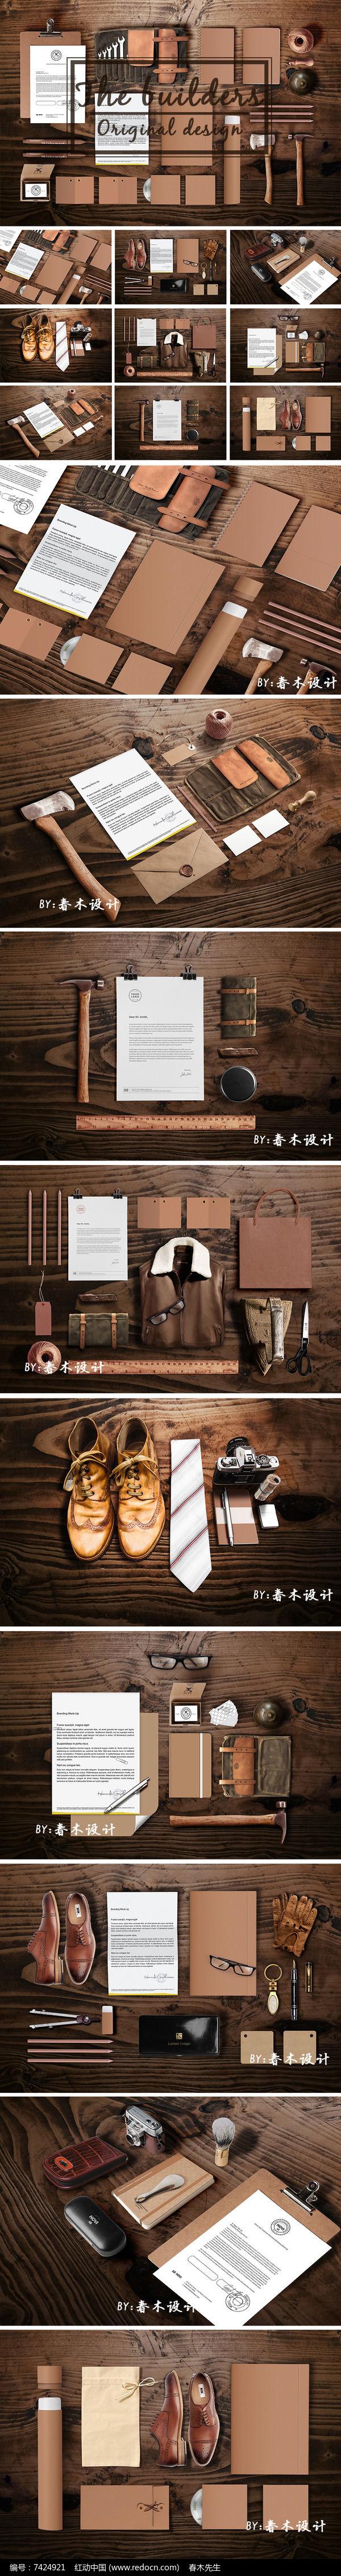 服装行业VI样机设计图片